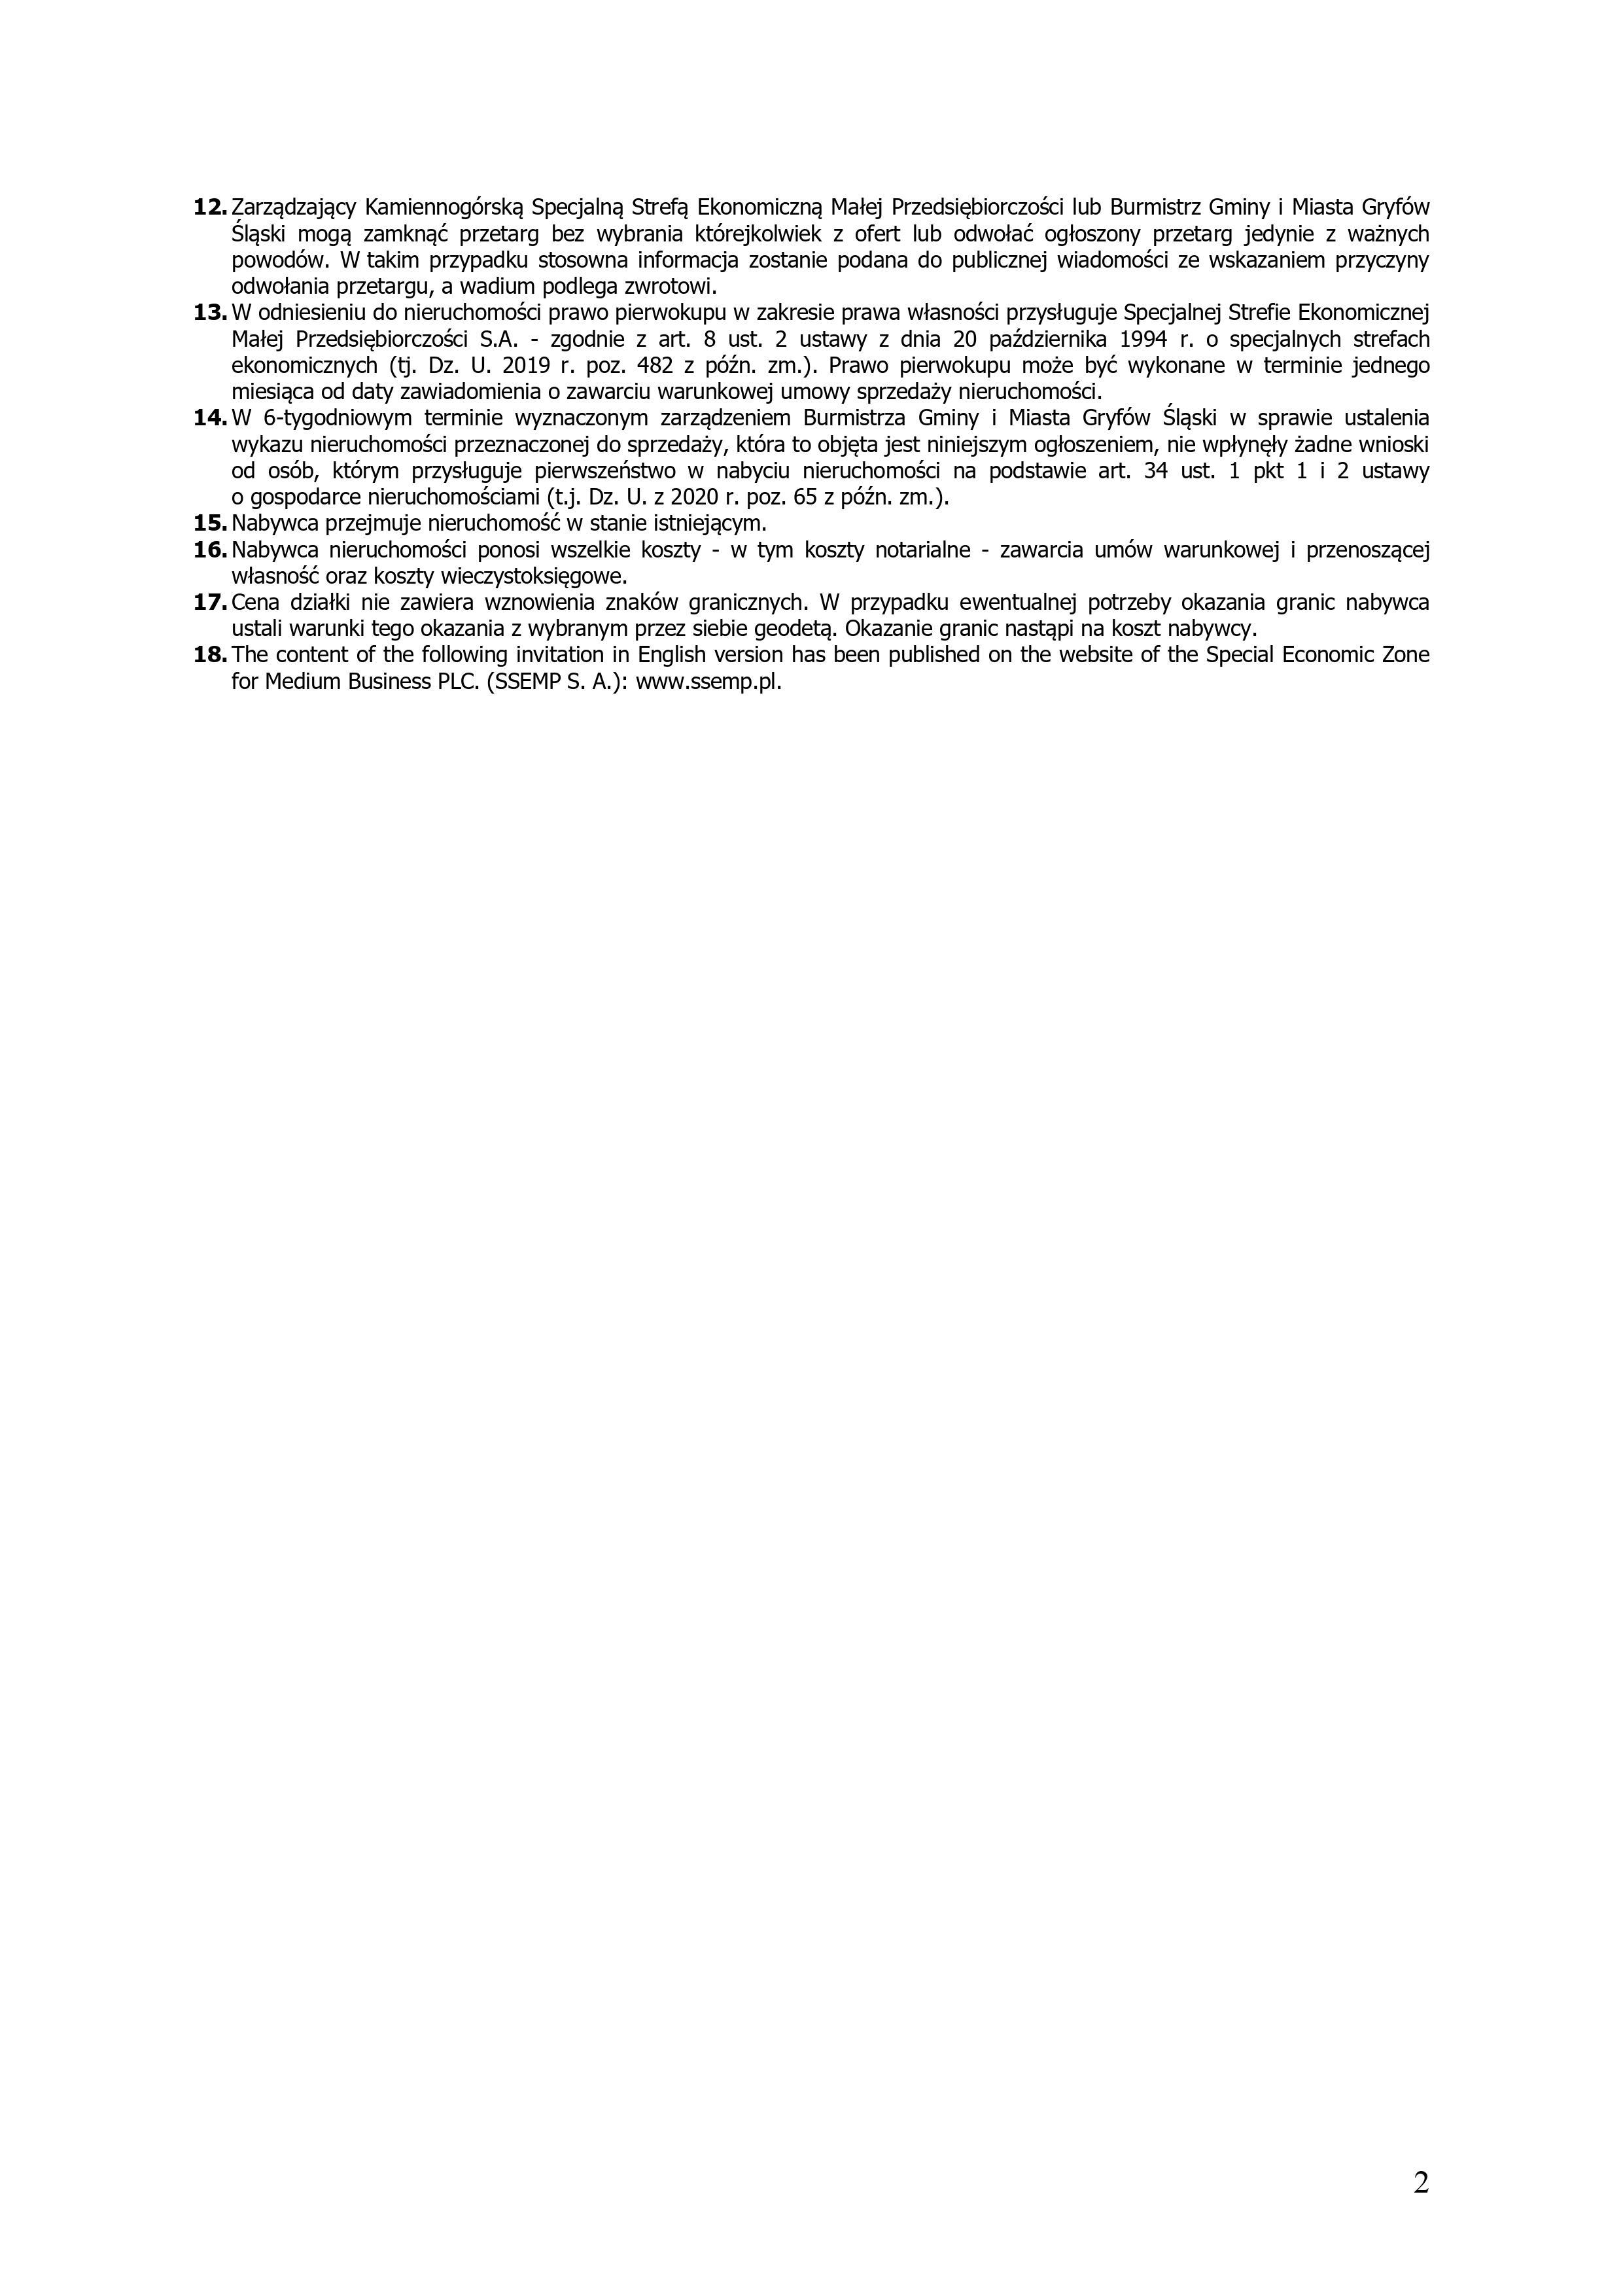 Gryfów 13.05.2020 PL s2